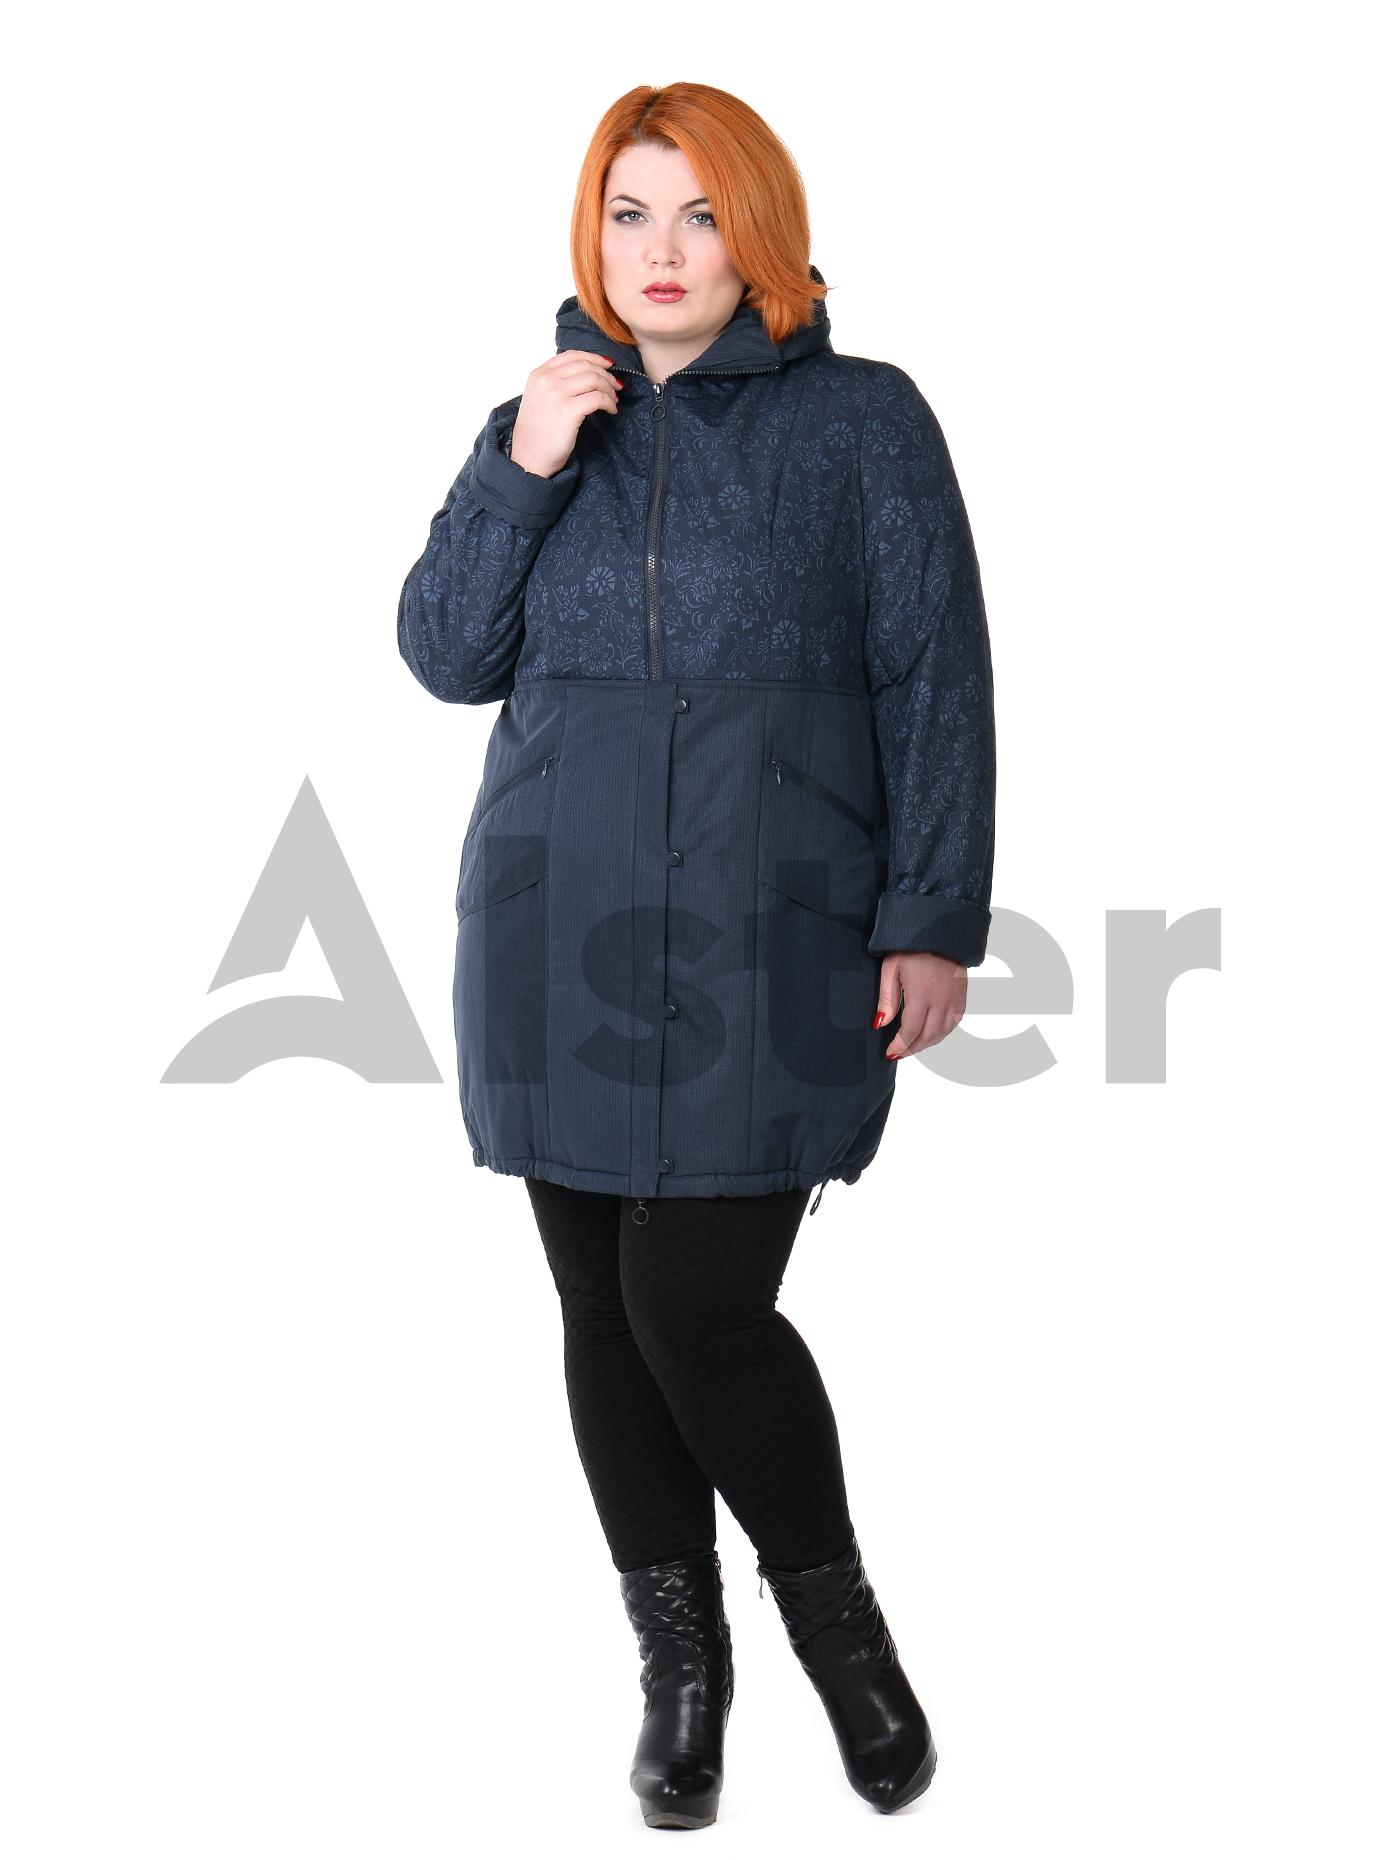 Куртка демисезонная средней длины с капюшоном Тёмно-синий S (03-P19044): фото - Alster.ua